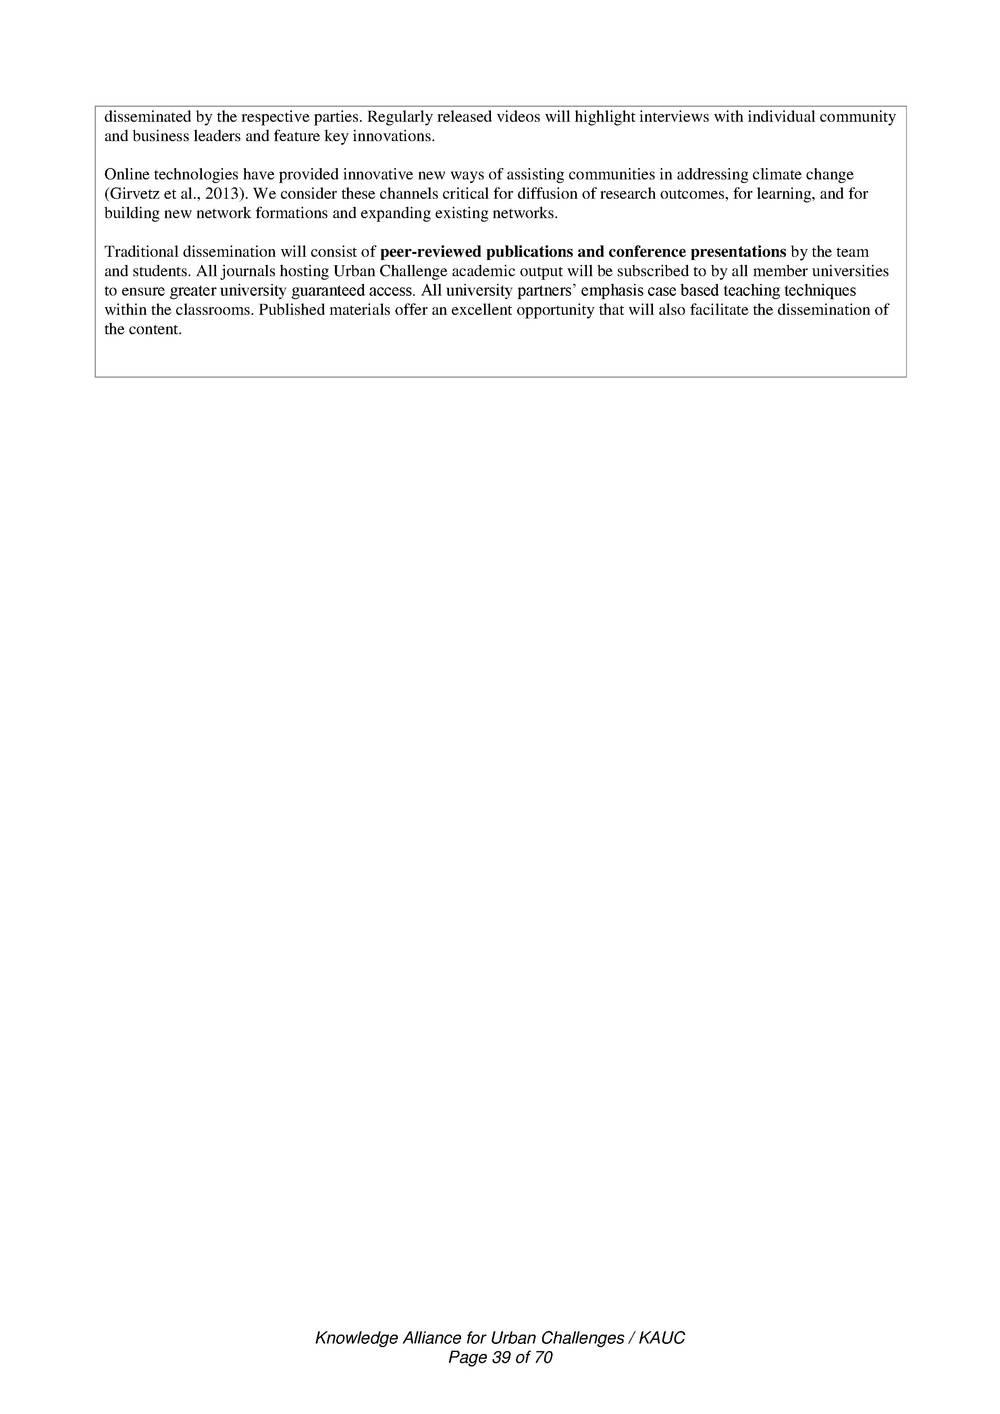 file-page39.jpg